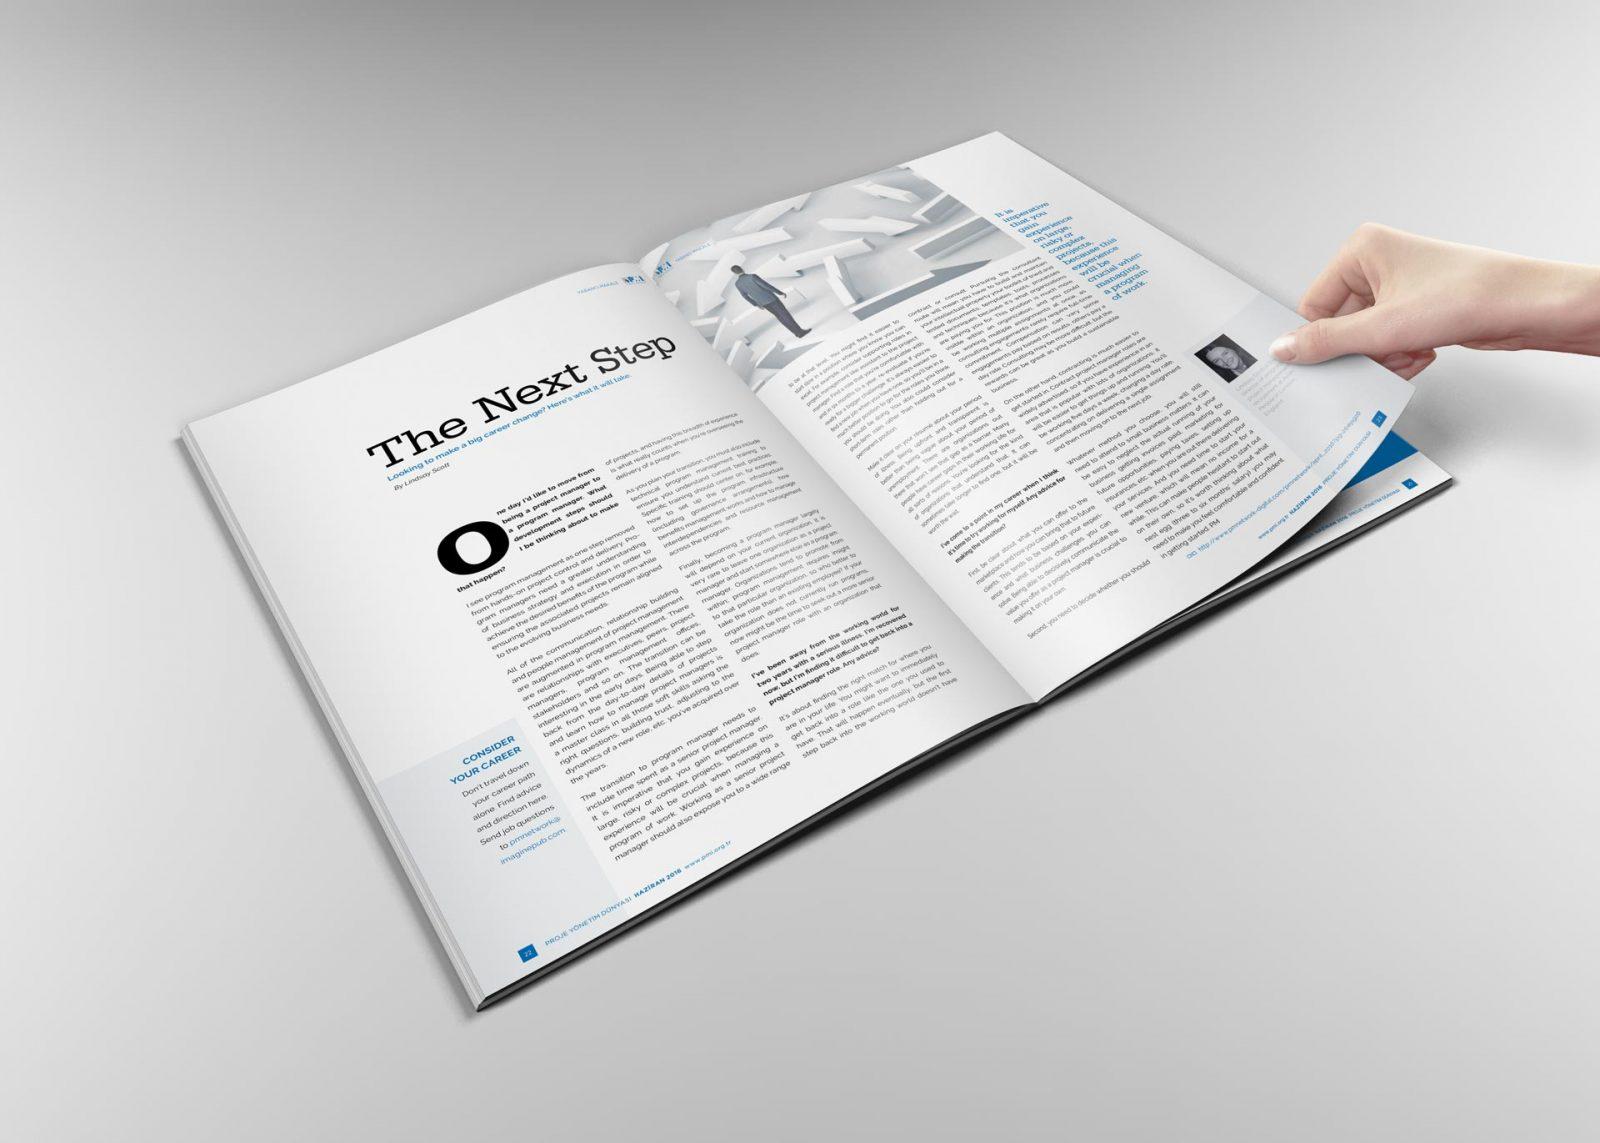 pmi tr dergi tasarımı 07